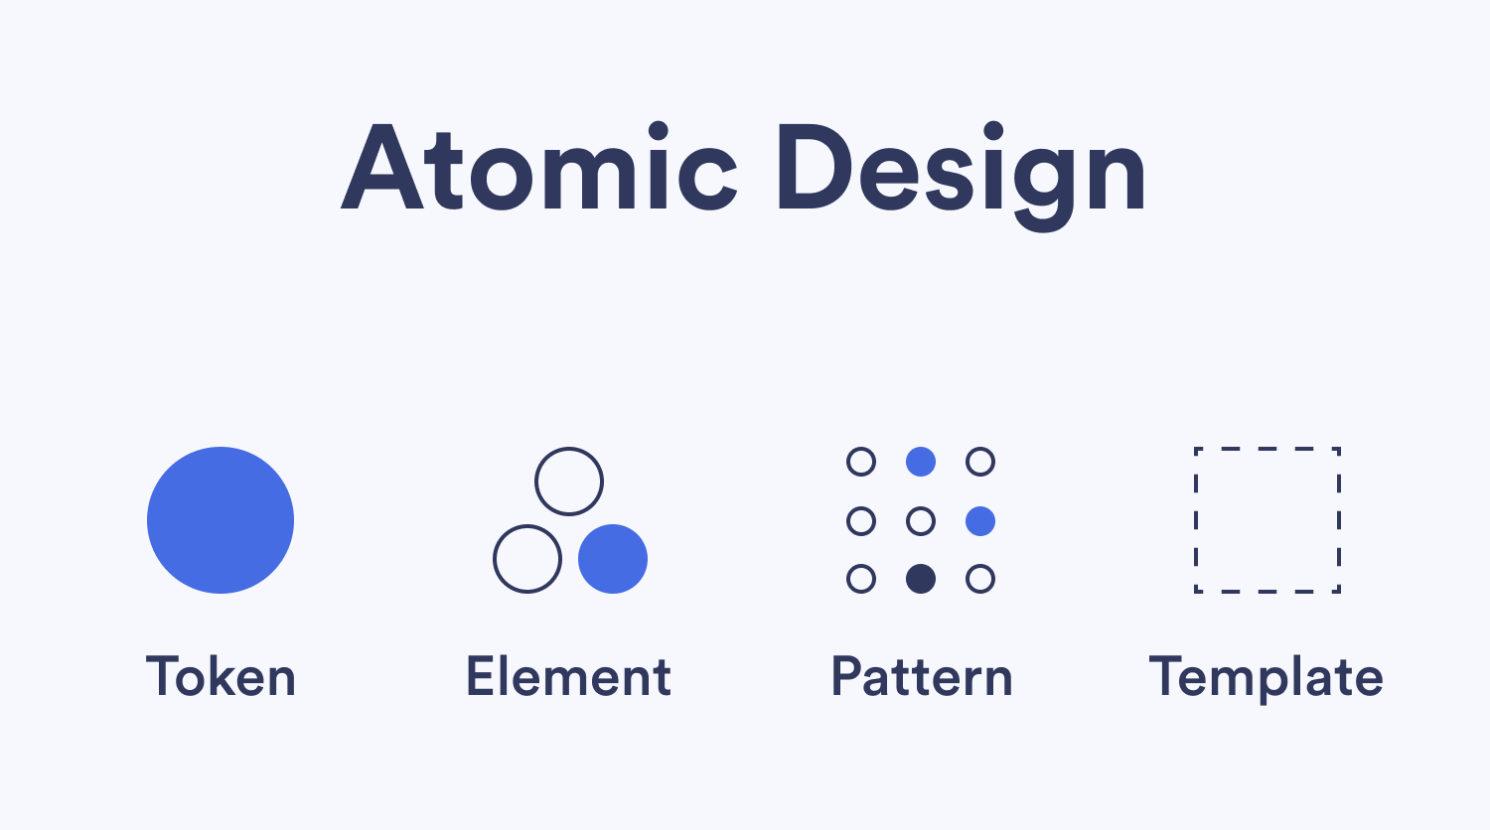 Schéma explicatif de l'Atomic Design.